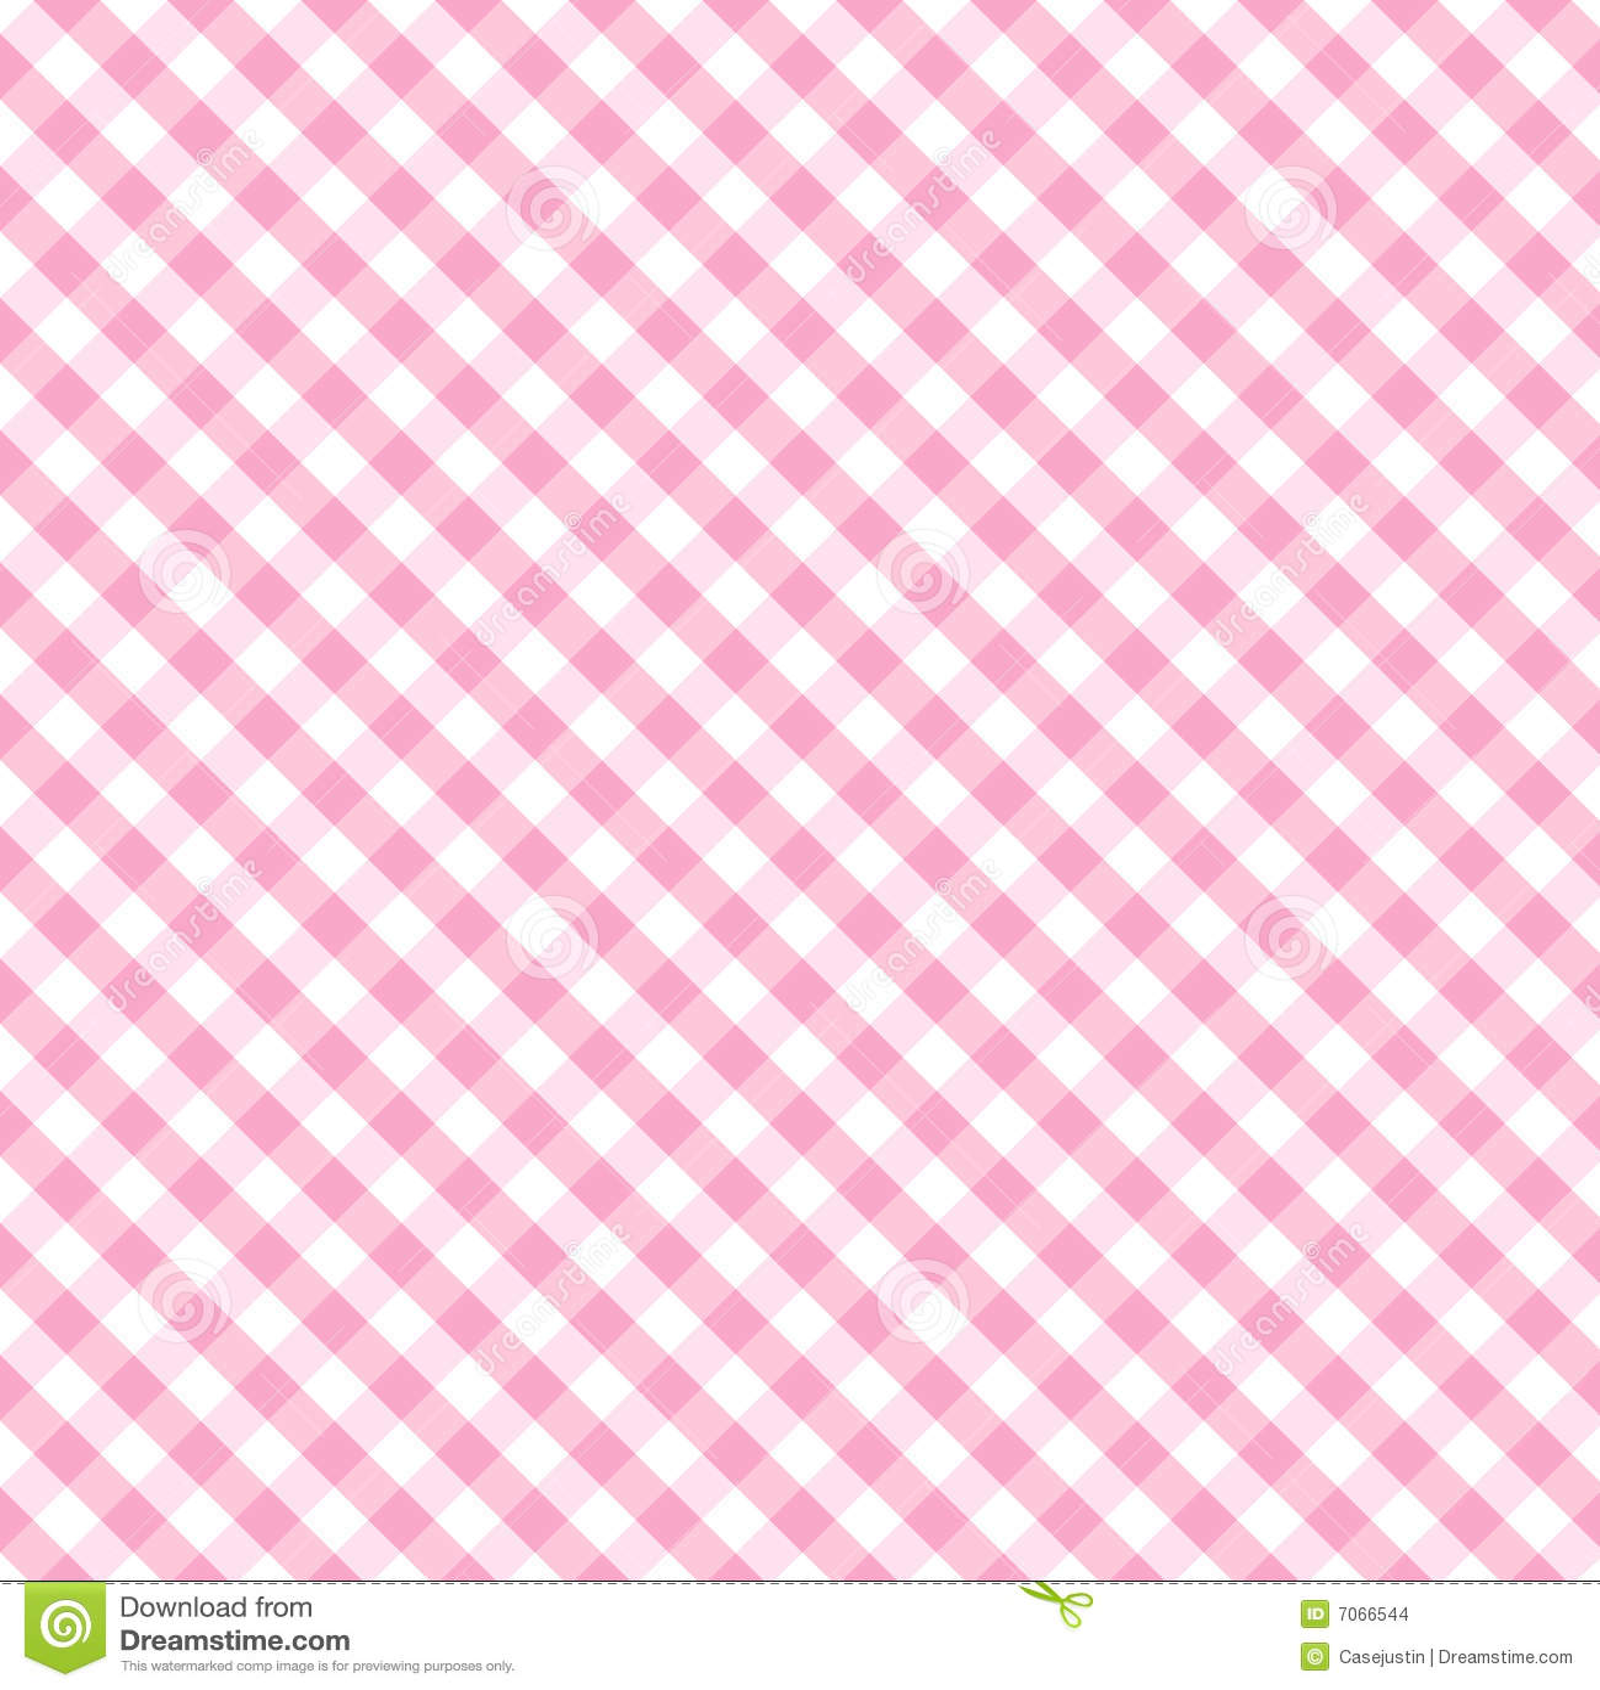 +EPS Naadloze Roze van de Baby van het Weefsel van de Gingang van de pastelkleur het Dwars